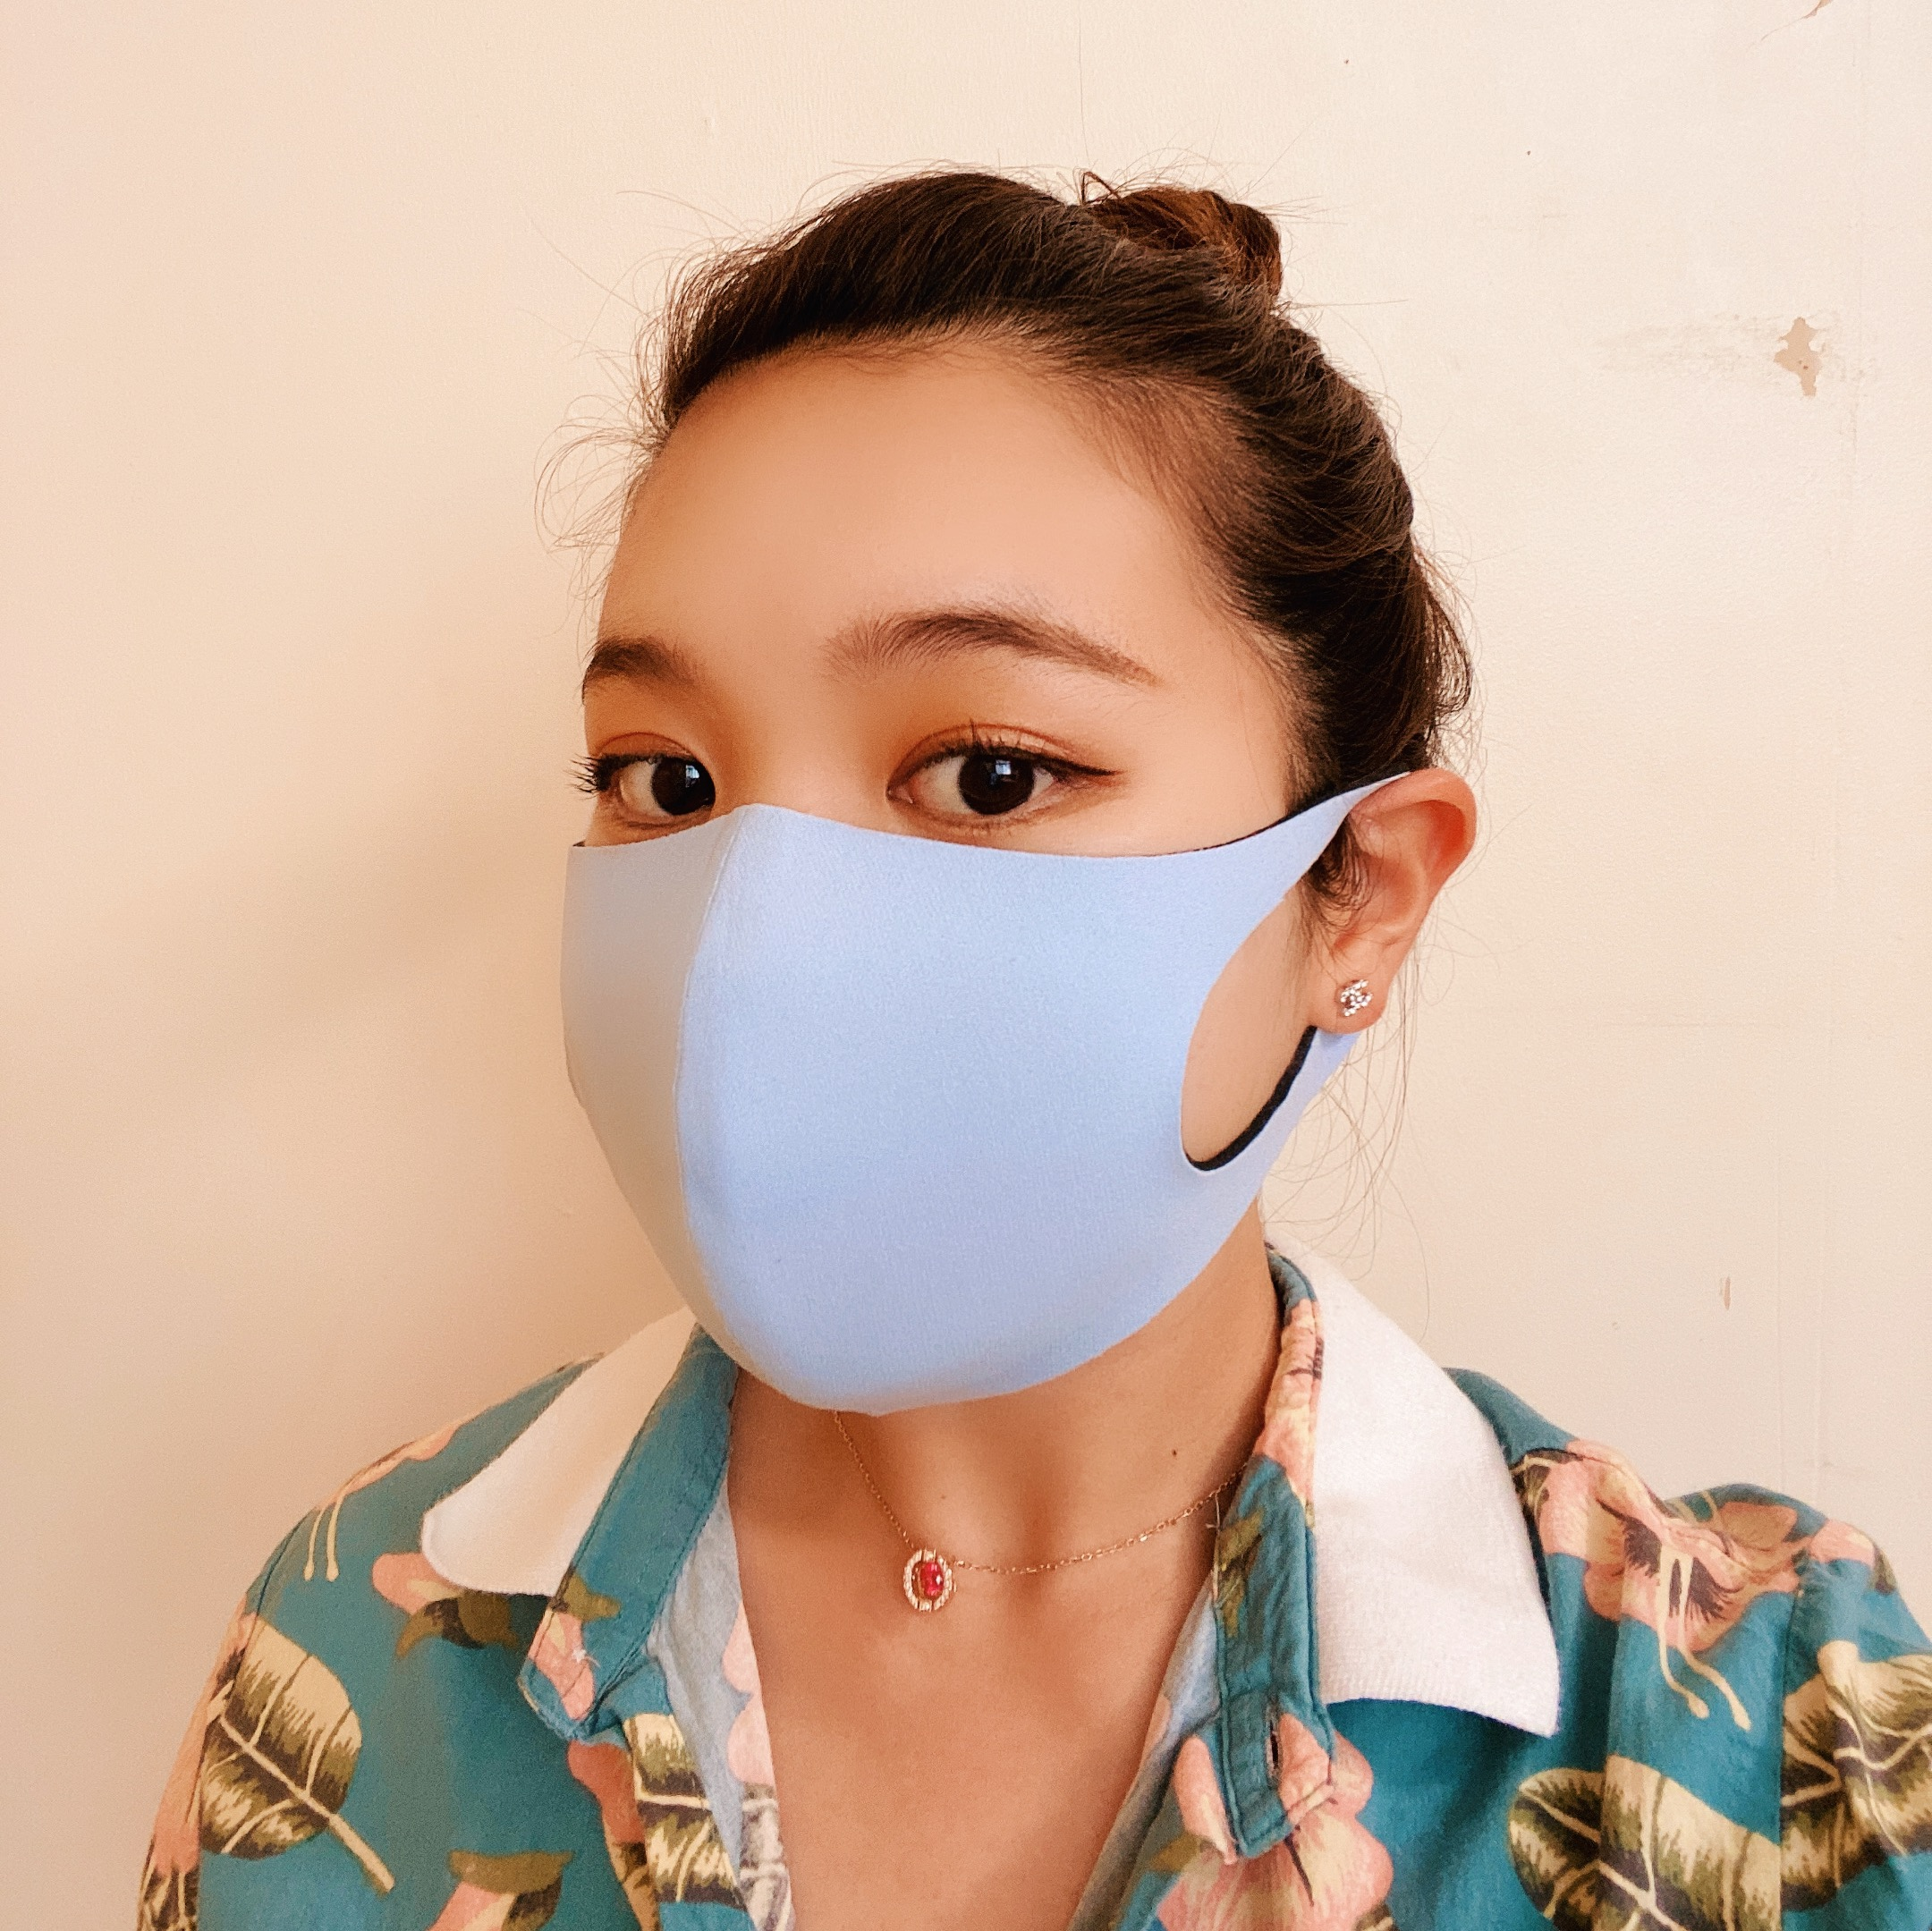 ウェットスーツ素材のフェイスマスク